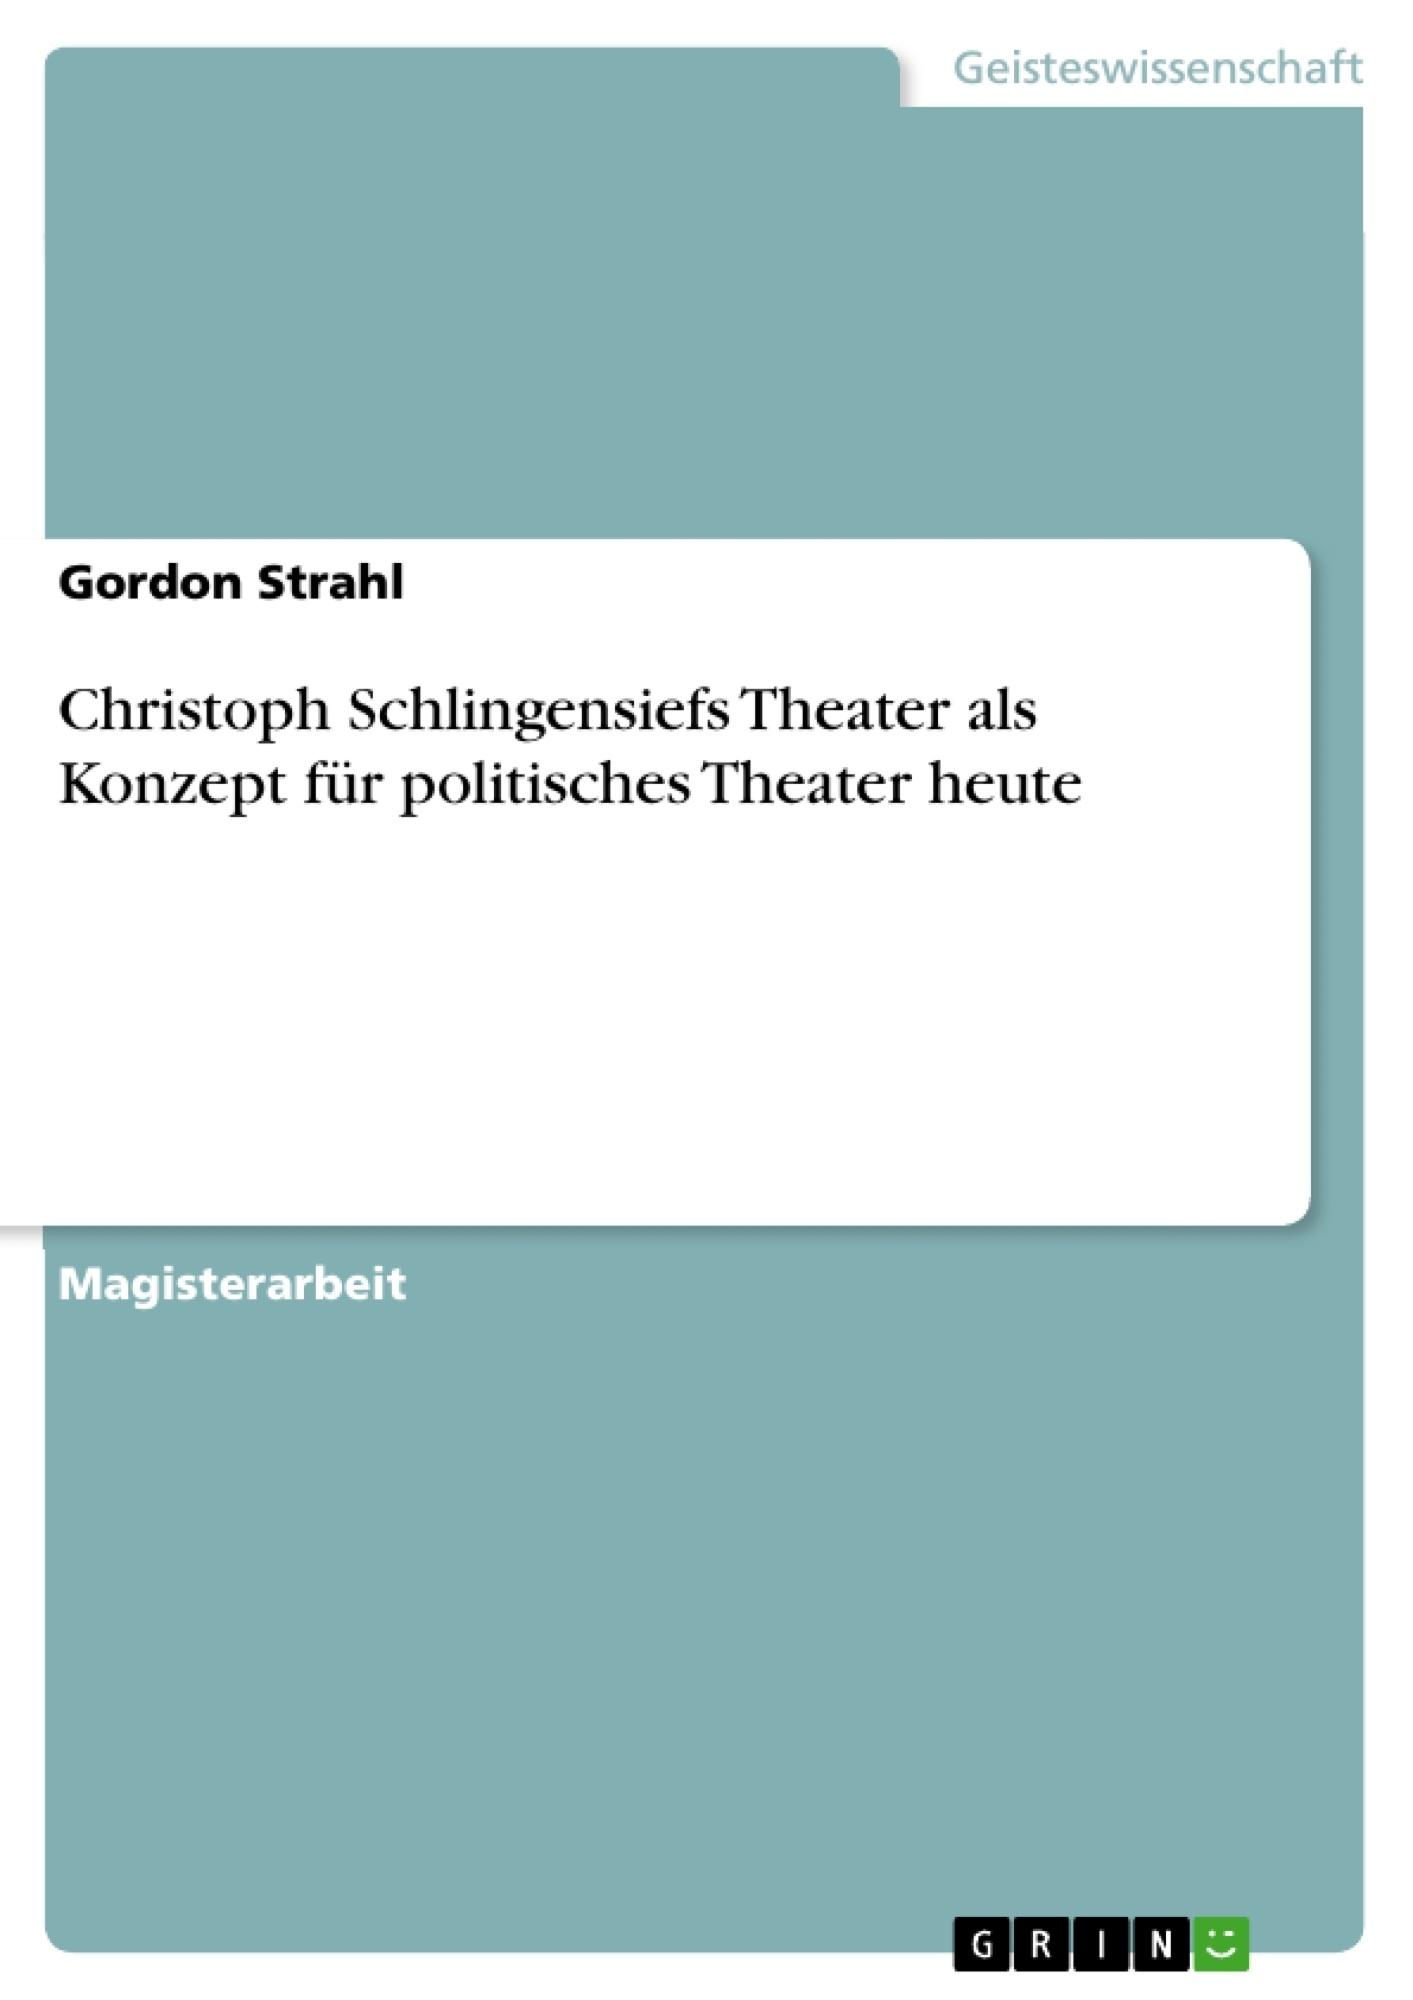 Titel: Christoph Schlingensiefs Theater als Konzept für politisches Theater heute